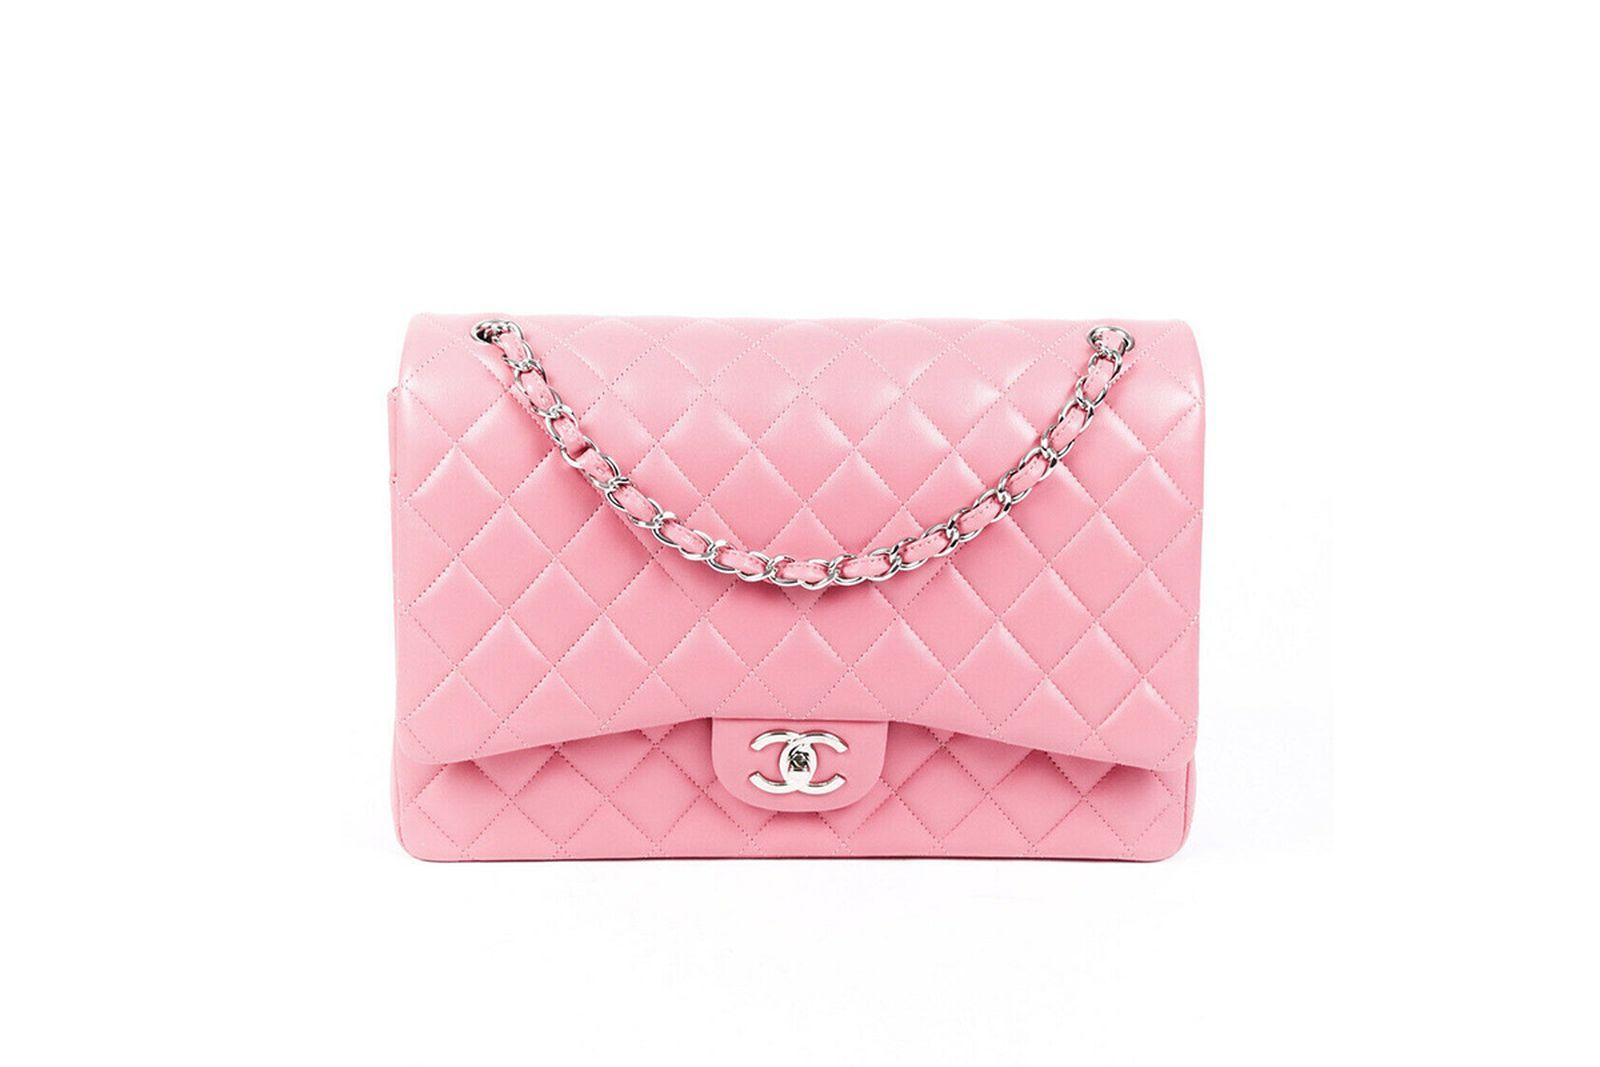 eBay_Chanel Bag_Andie Obeid